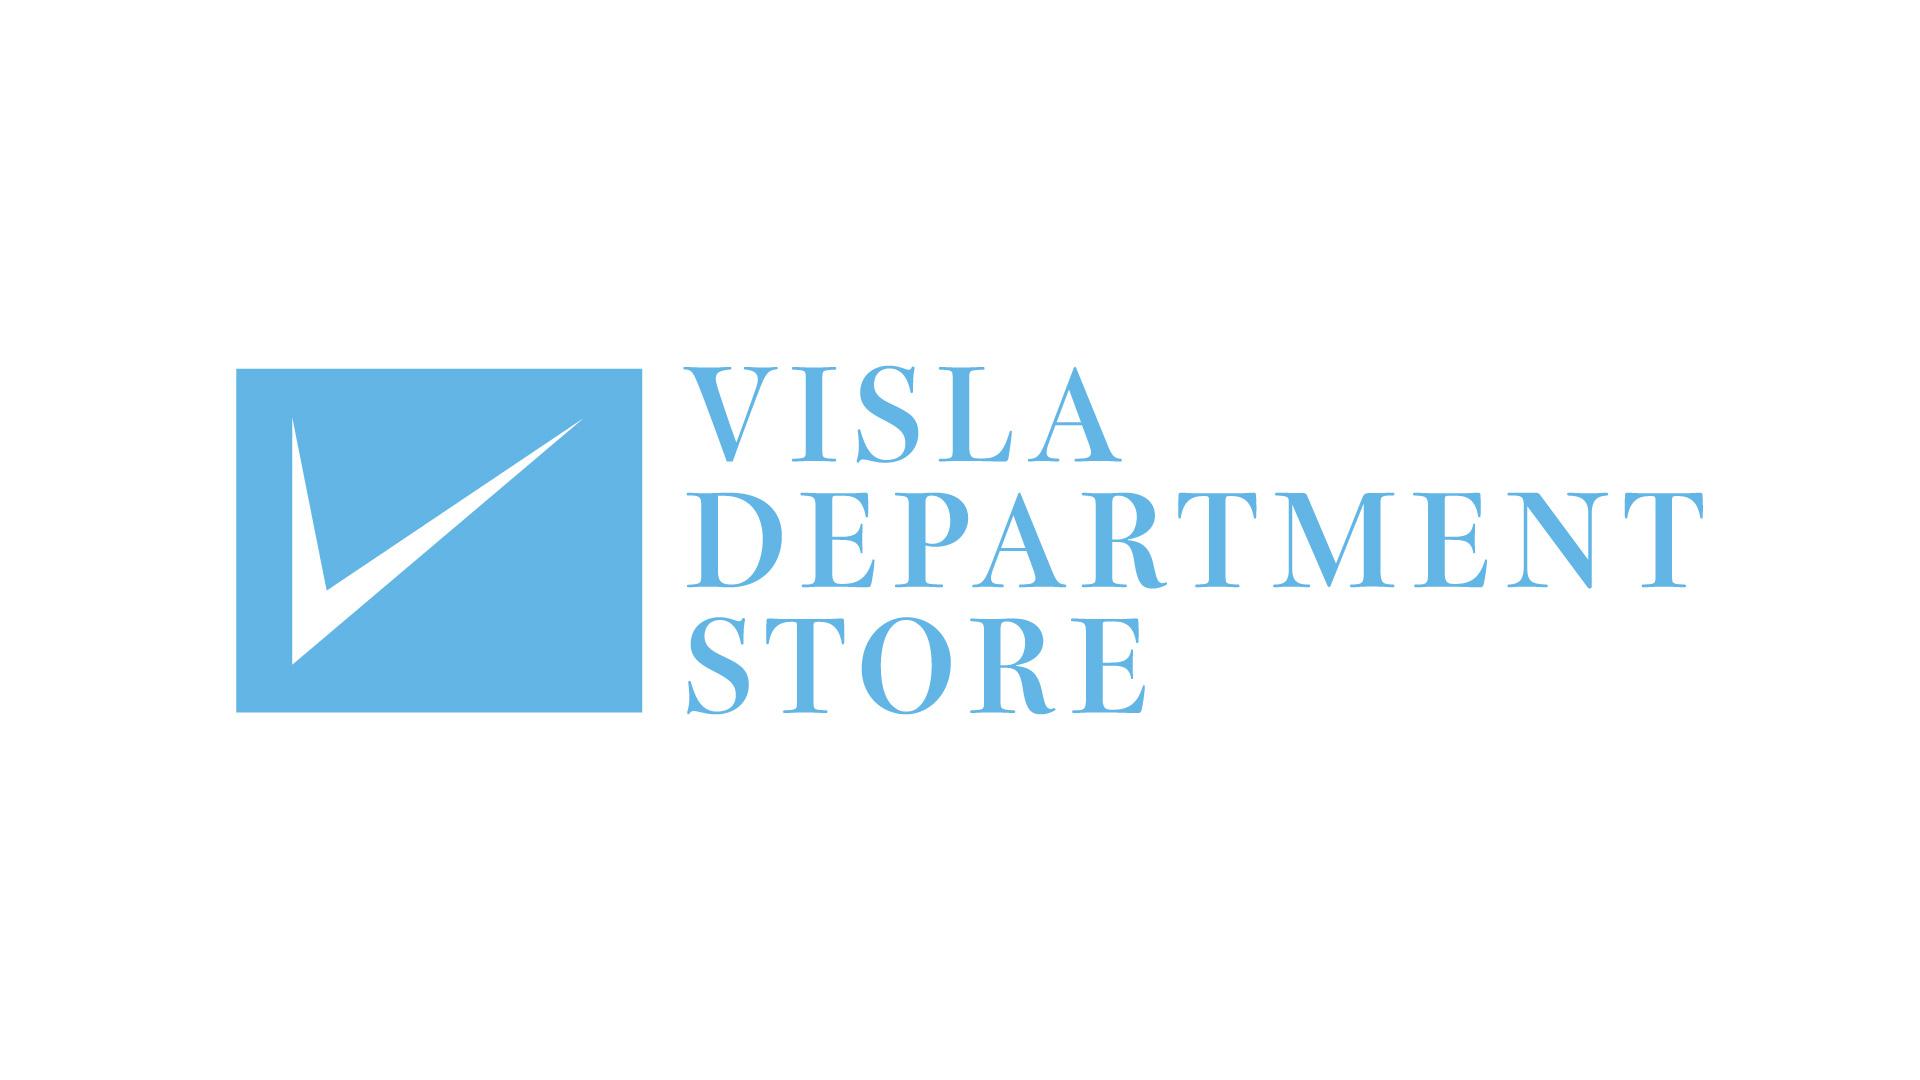 VISLA DEPARTMENT STORE OPEN